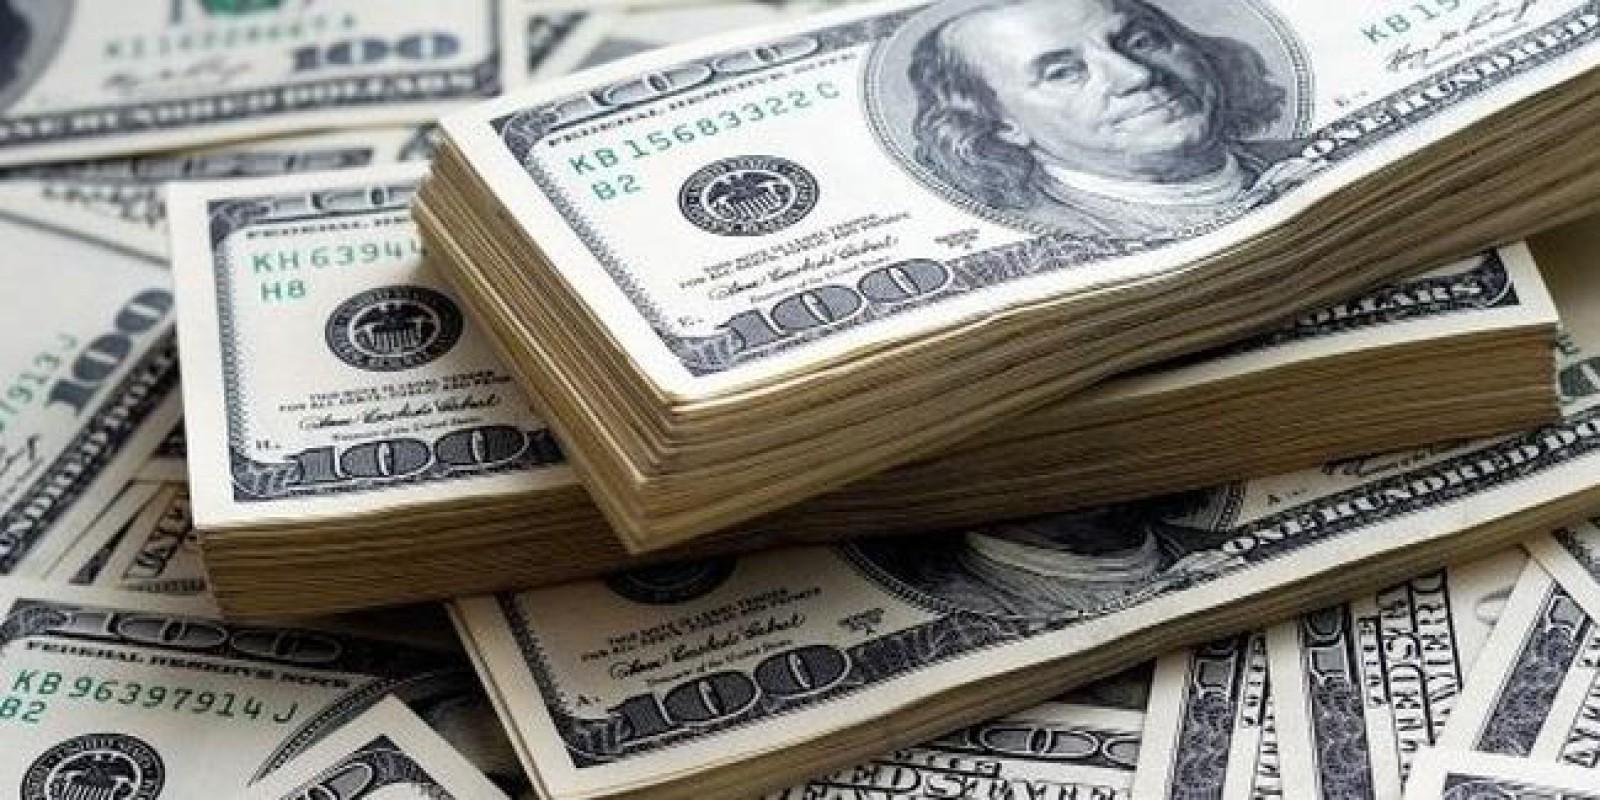 Un bărbat a câștigat de două ori la loto într-o săptămână: Circa două milioane de dolari australieni